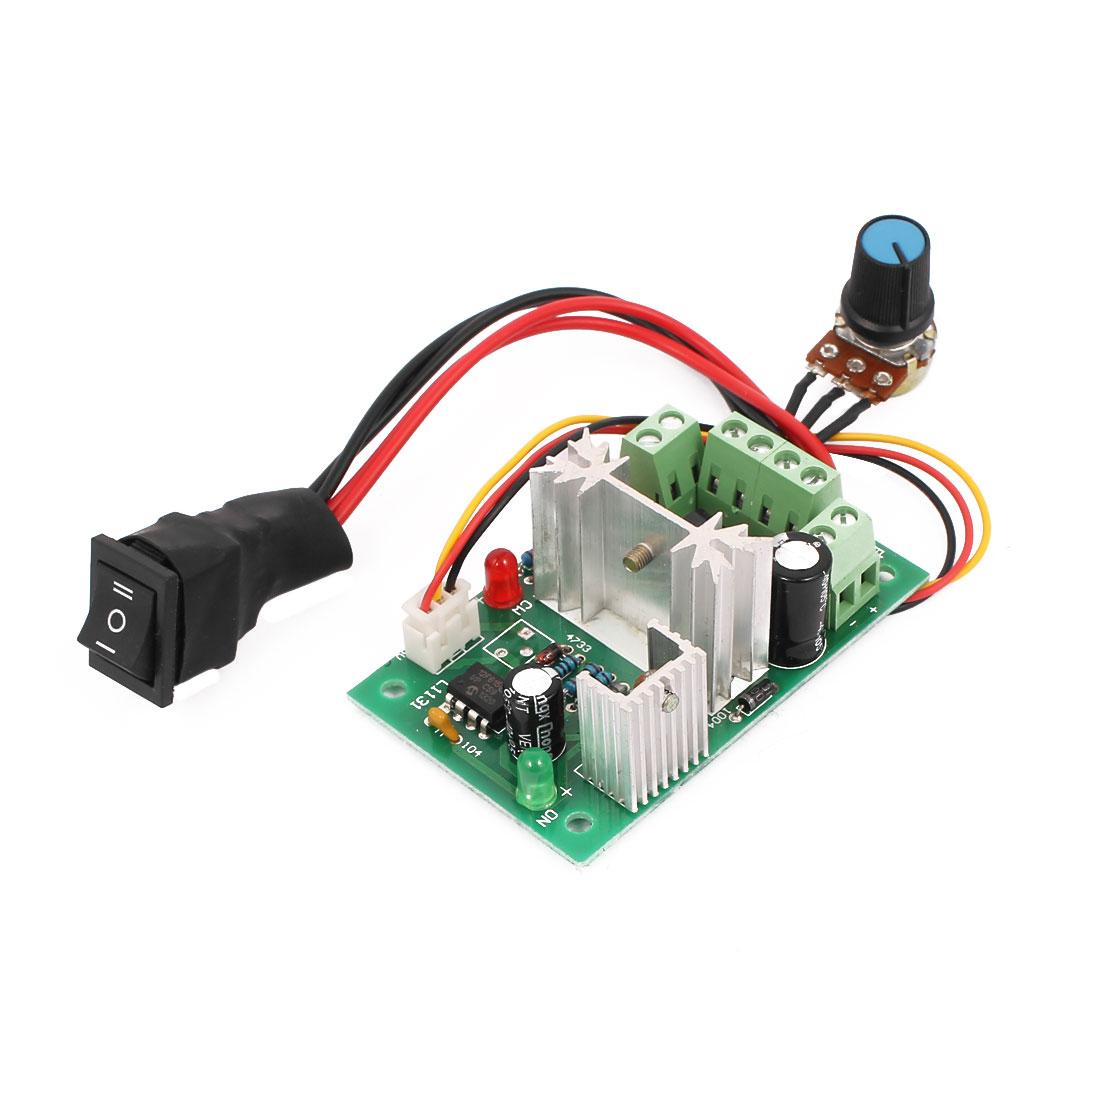 6V 12V 24V PLC PWM DC Motor Speed Controller Reversible Forward / Reverse Switch